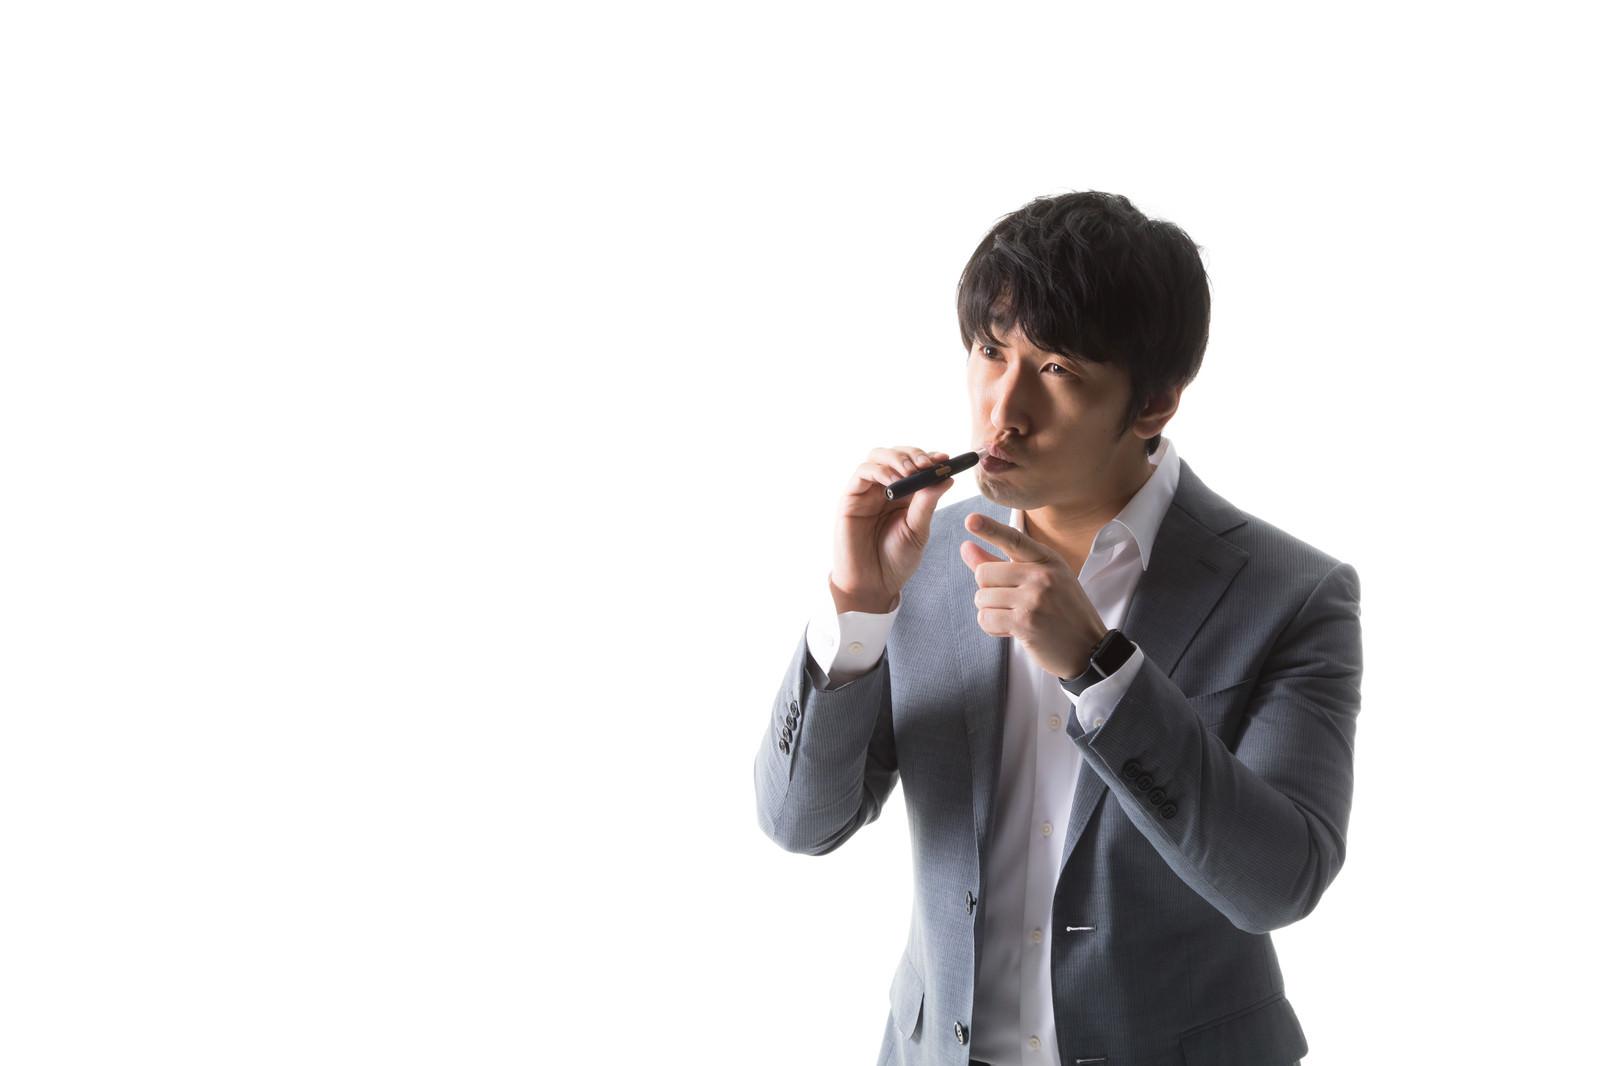 「加熱式たばこを吸いながら指差し確認をする男性」の写真[モデル:大川竜弥]